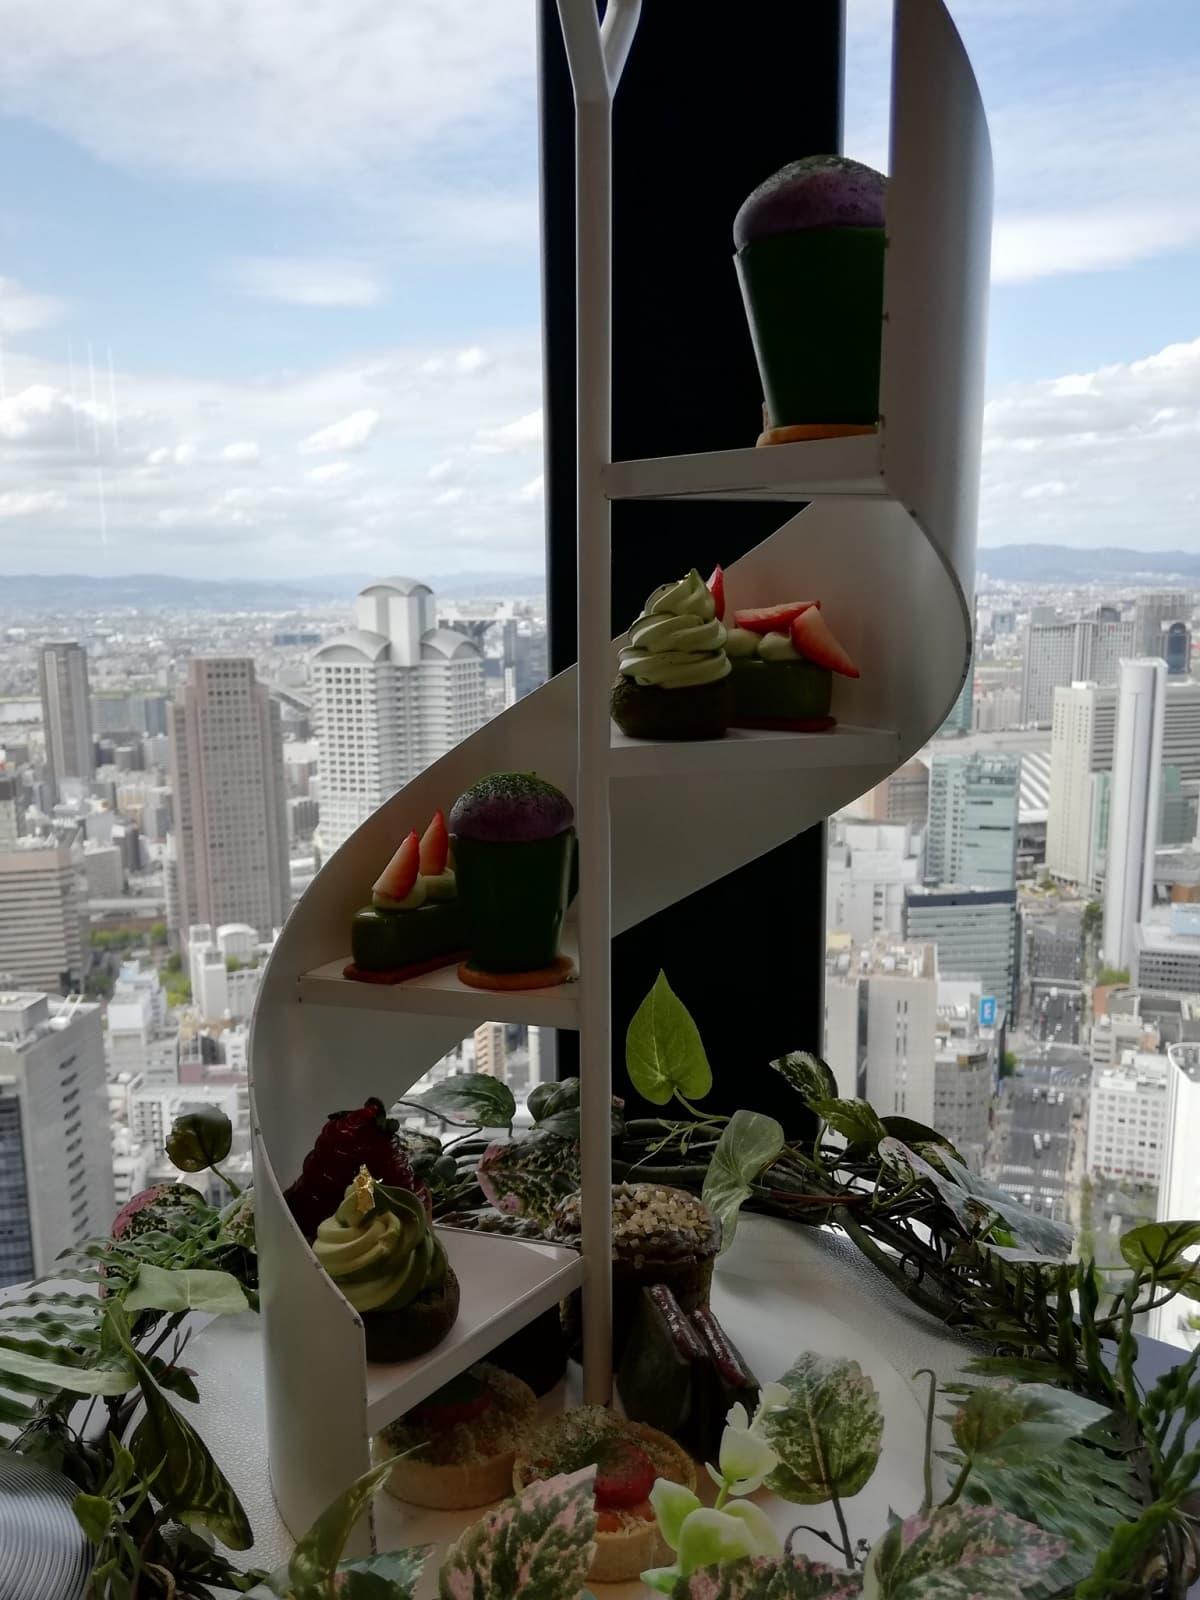 素晴らしい眺望で行われるコンラッド大阪の抹茶といちごのアフタヌーンティー